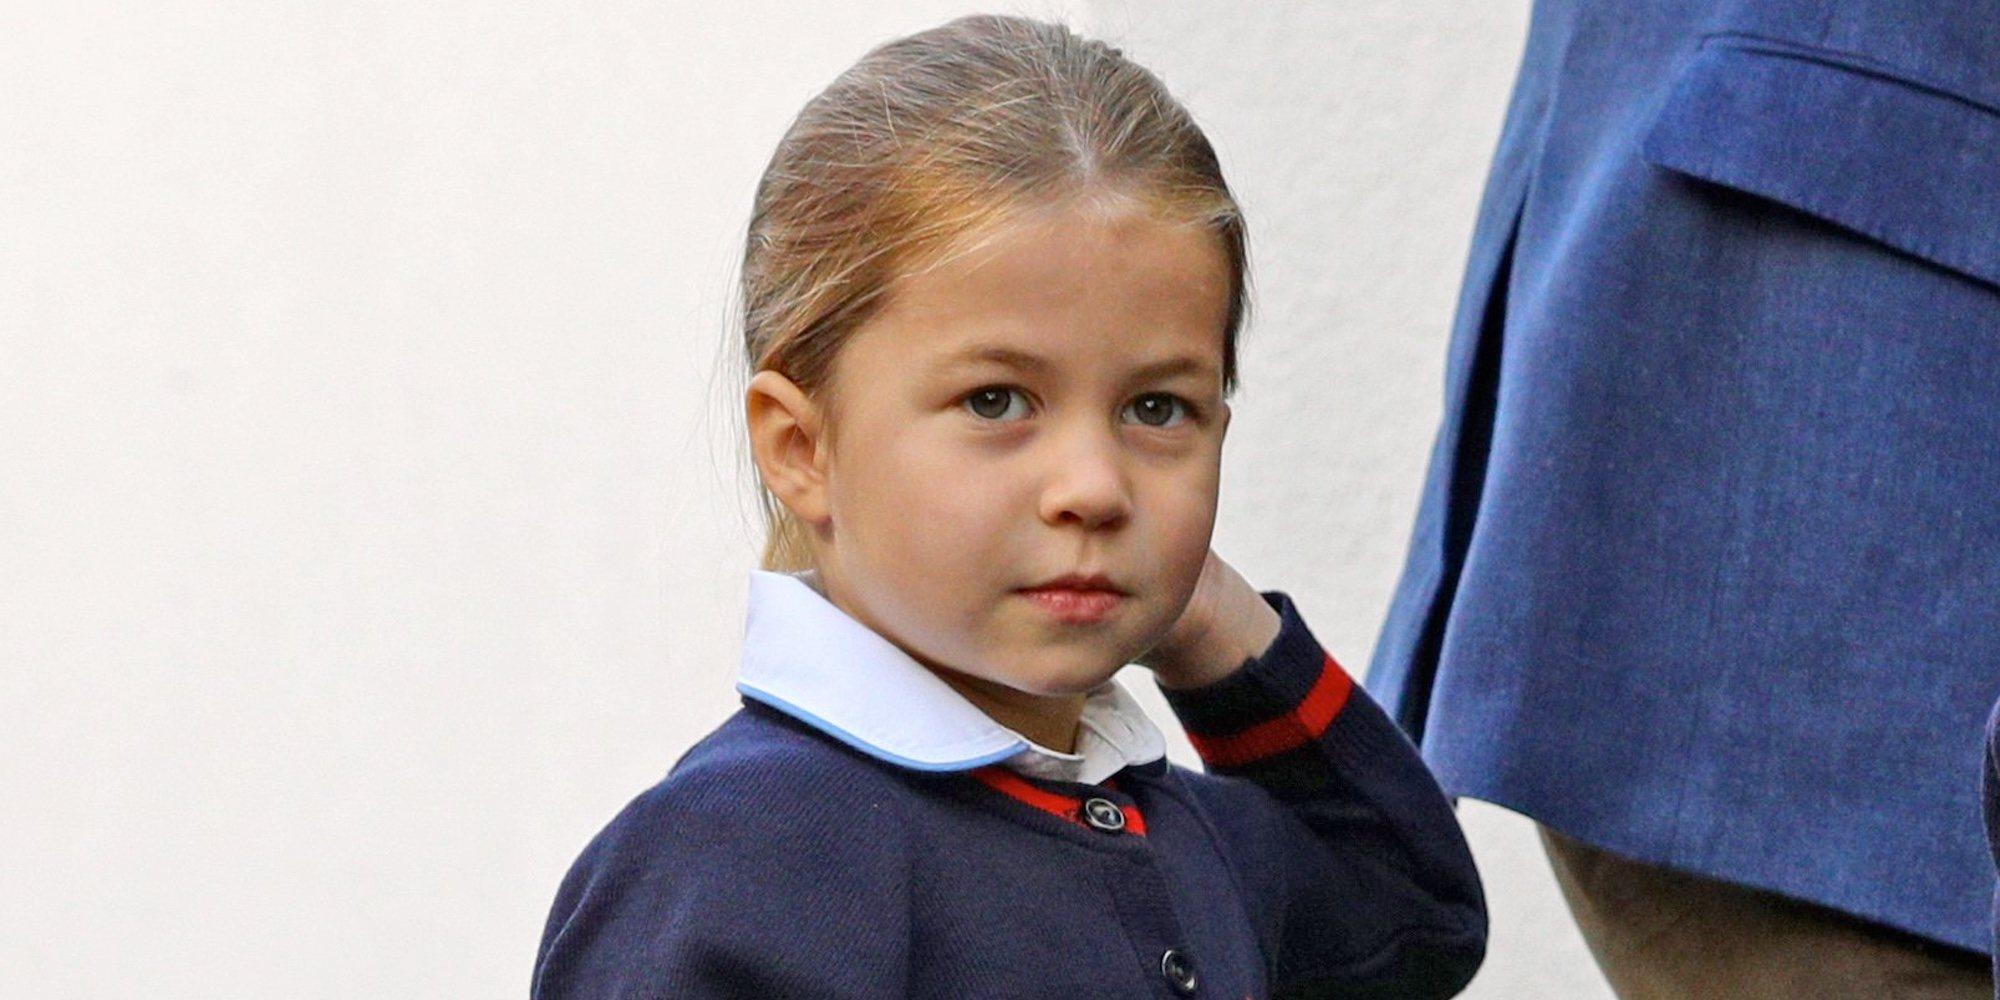 Del detalle de la Princesa Carlota sobre su relación con el Príncipe Jorge al mote con el que le conocían en la guardería